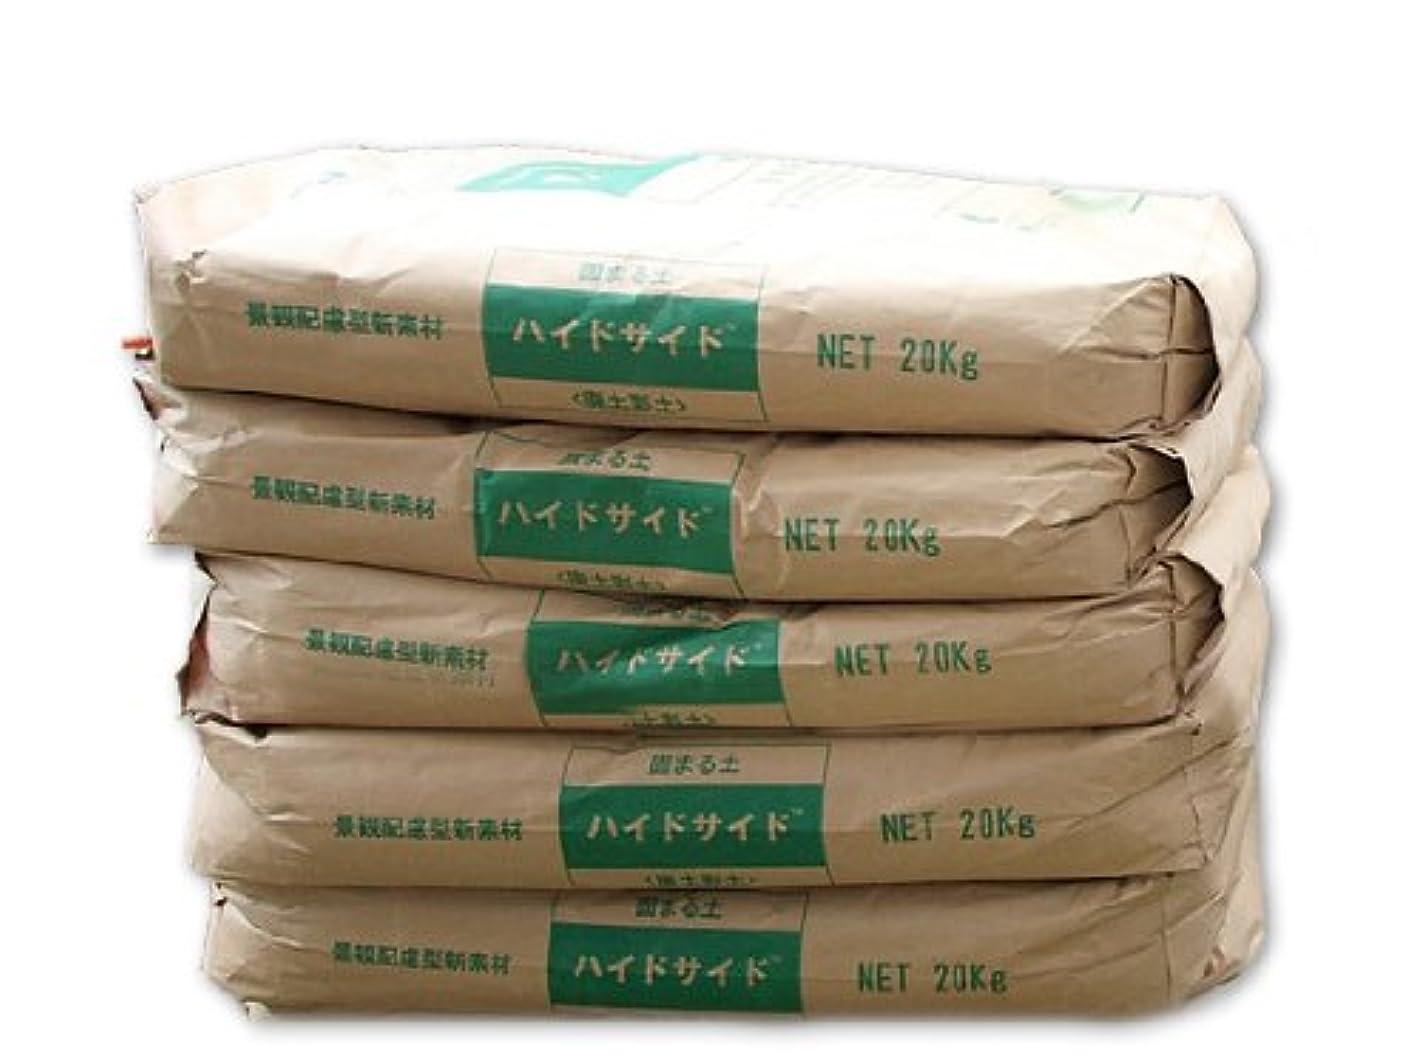 パブ異形容疑者固まる土ハイドサイド20kg(強度の高いタイプの固まる土です) 5袋